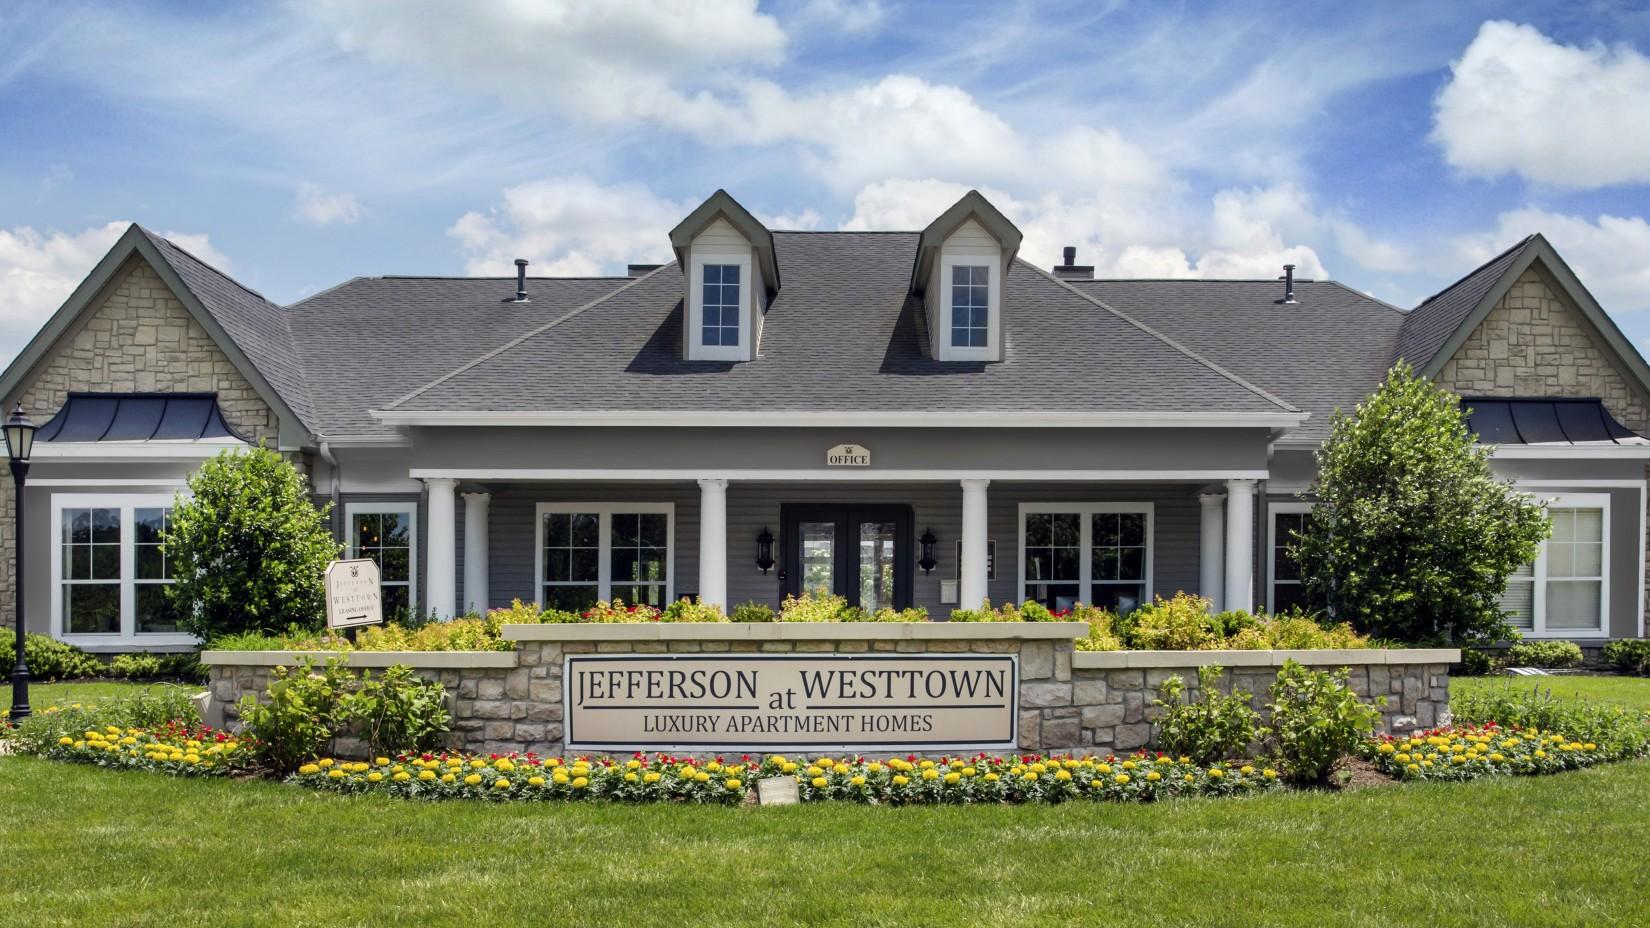 Jefferson at Westtown